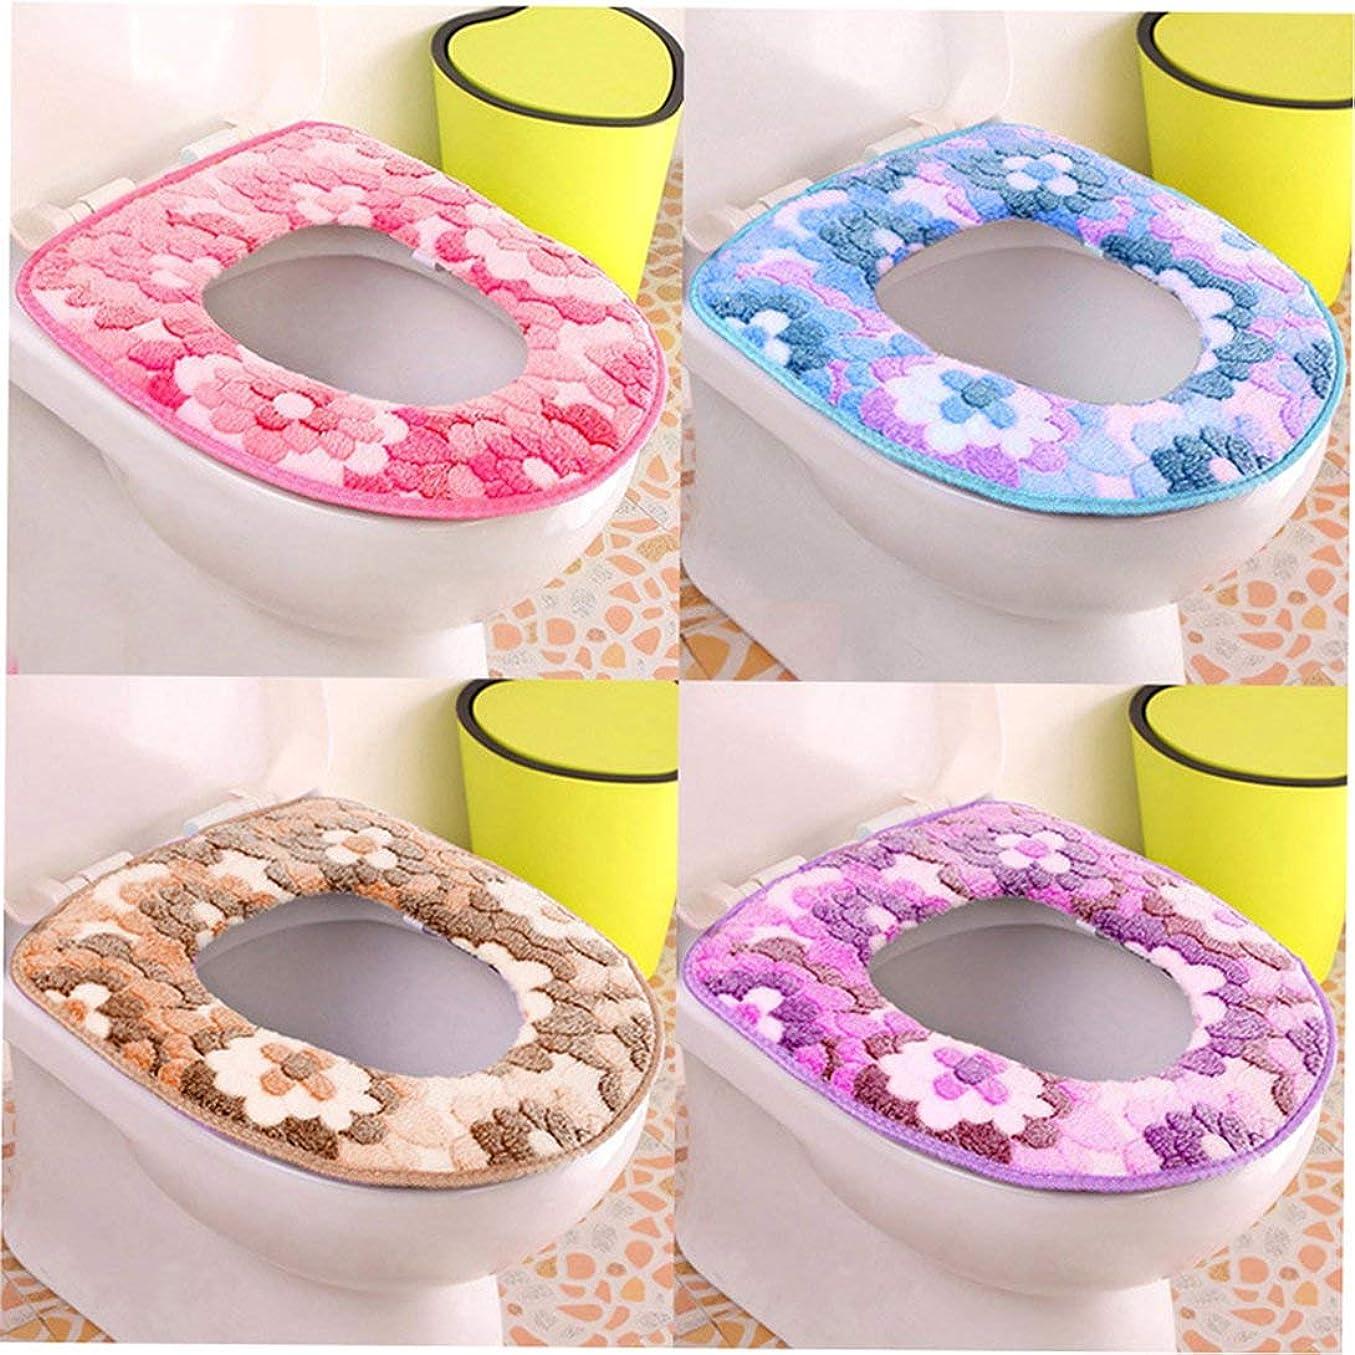 リマークさびた欲求不満Swiftgood 浴室柔らかく厚い暖かい便座カバーパッド伸縮性洗える布トイレ便座クッション